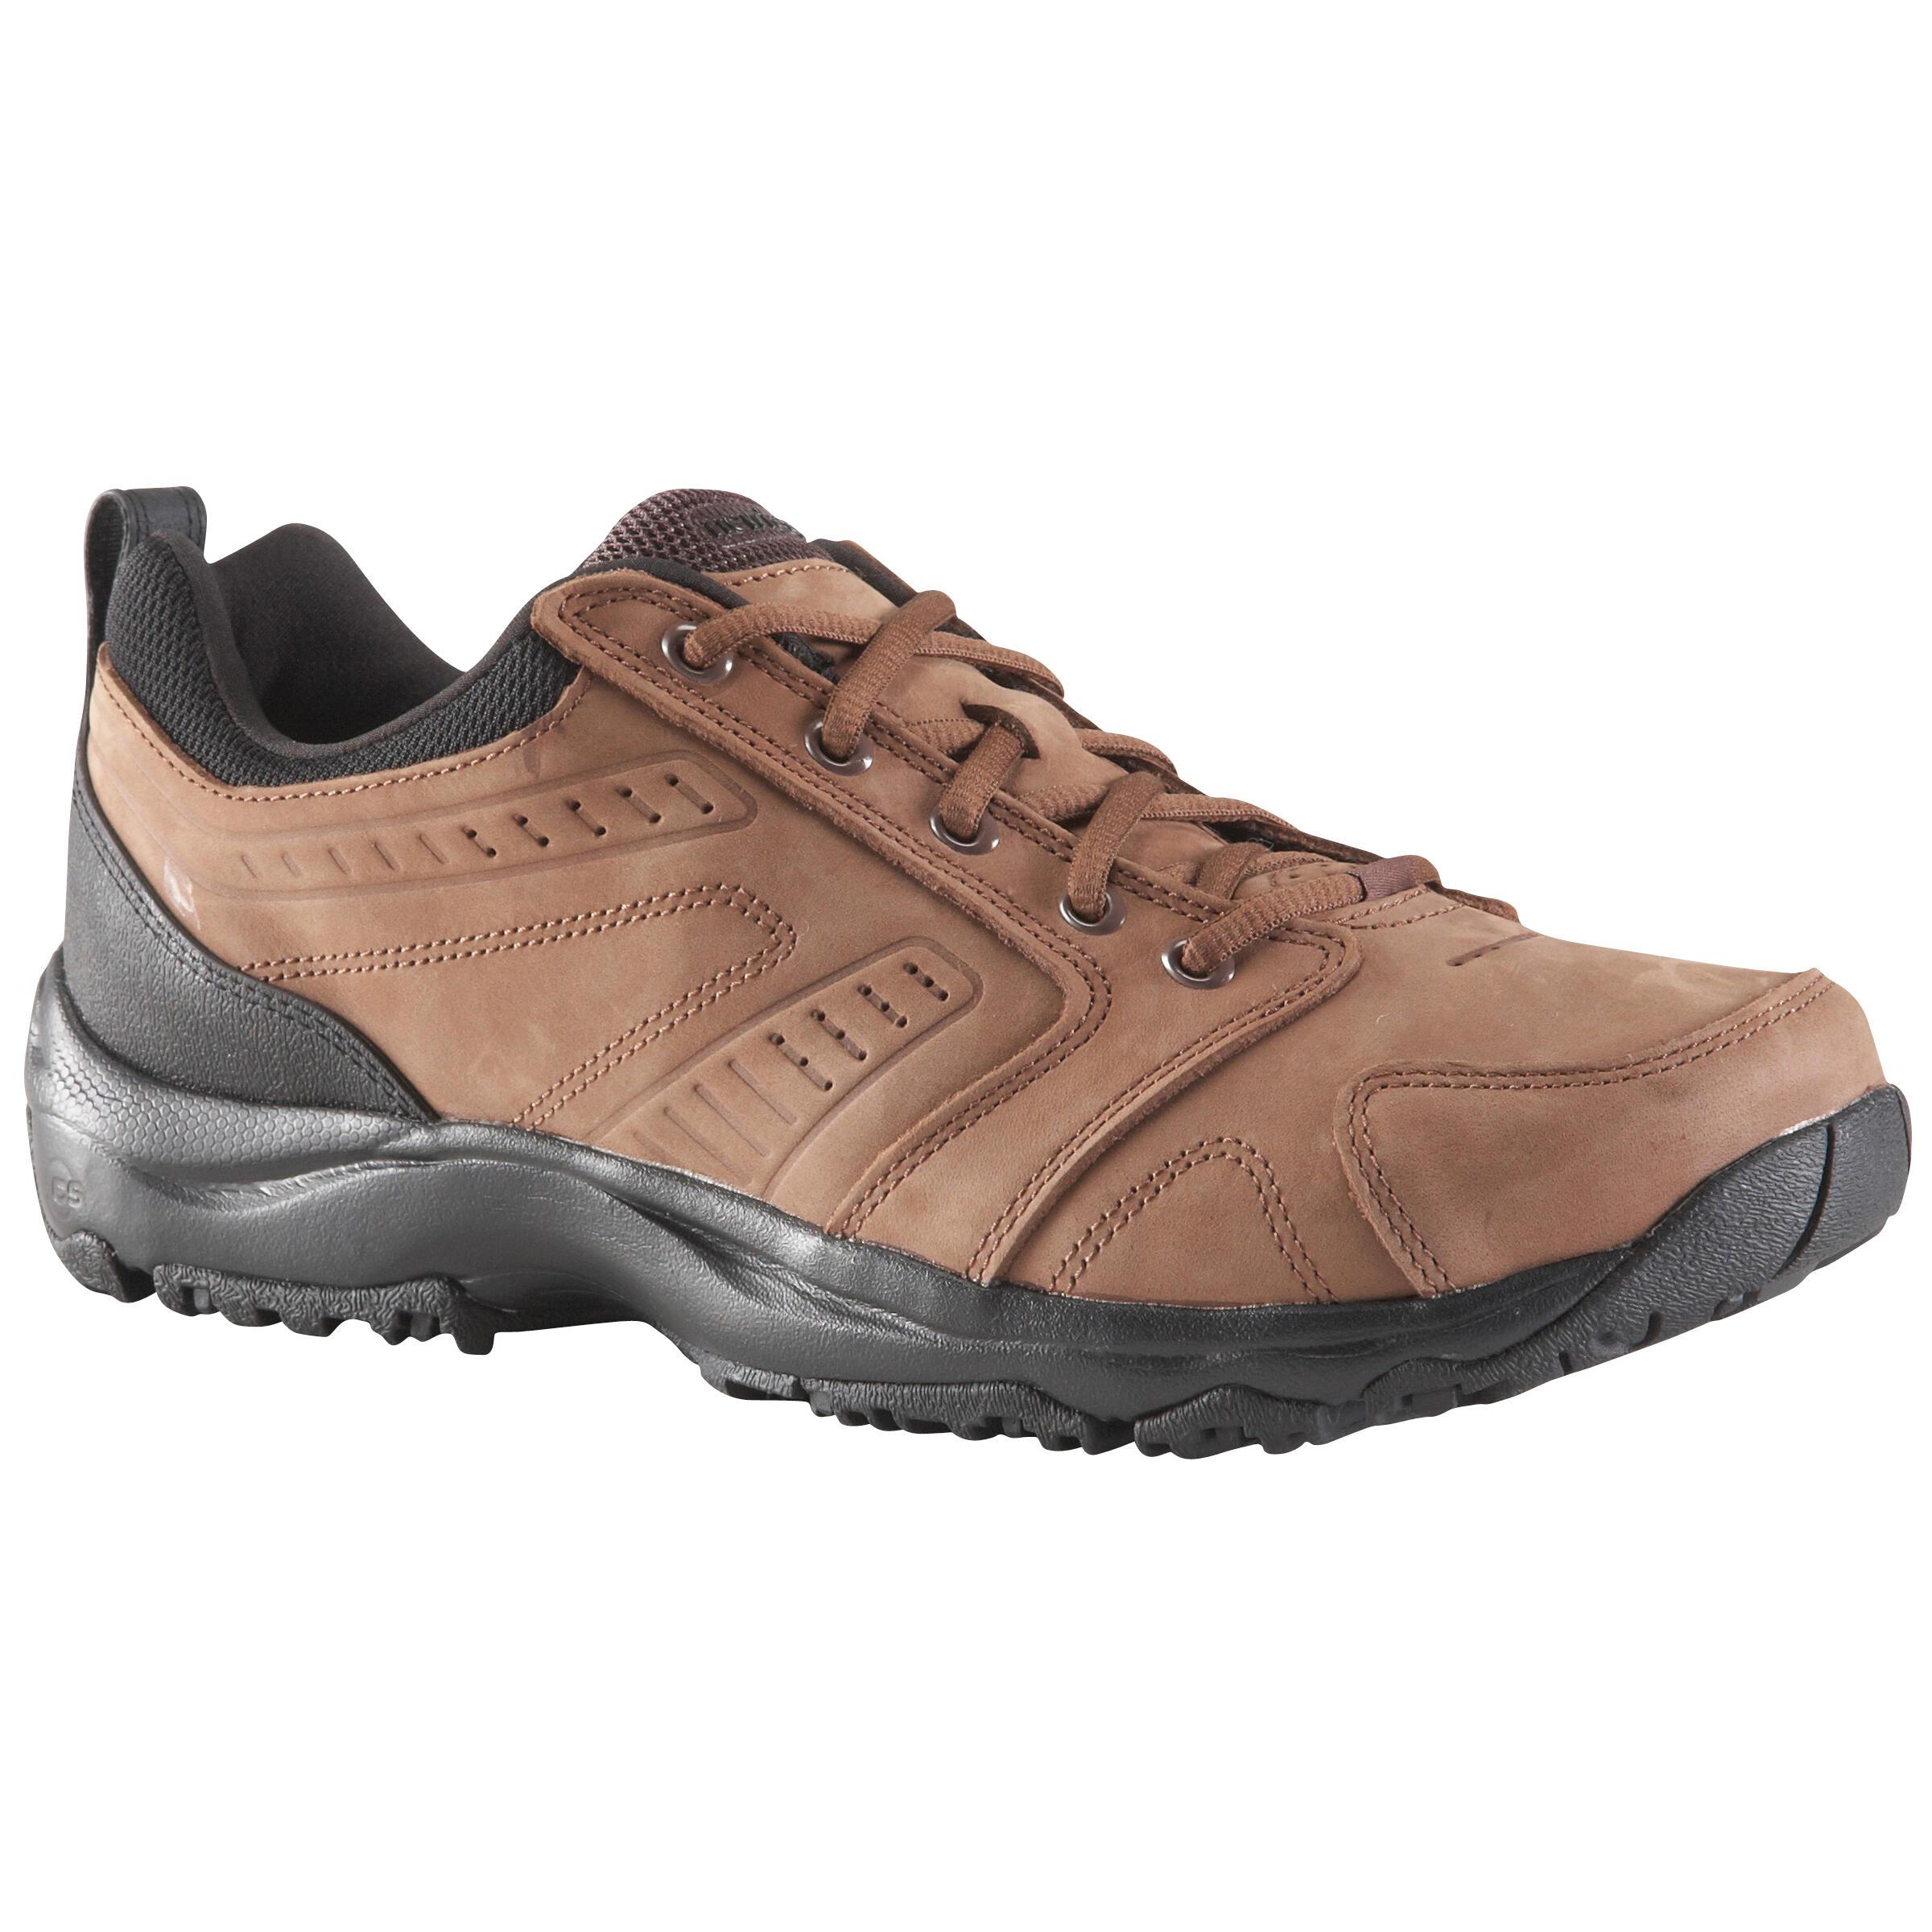 NEWFEEL Chaussures marche active homme Nakuru Confort cuir marron - NEWFEEL - 42